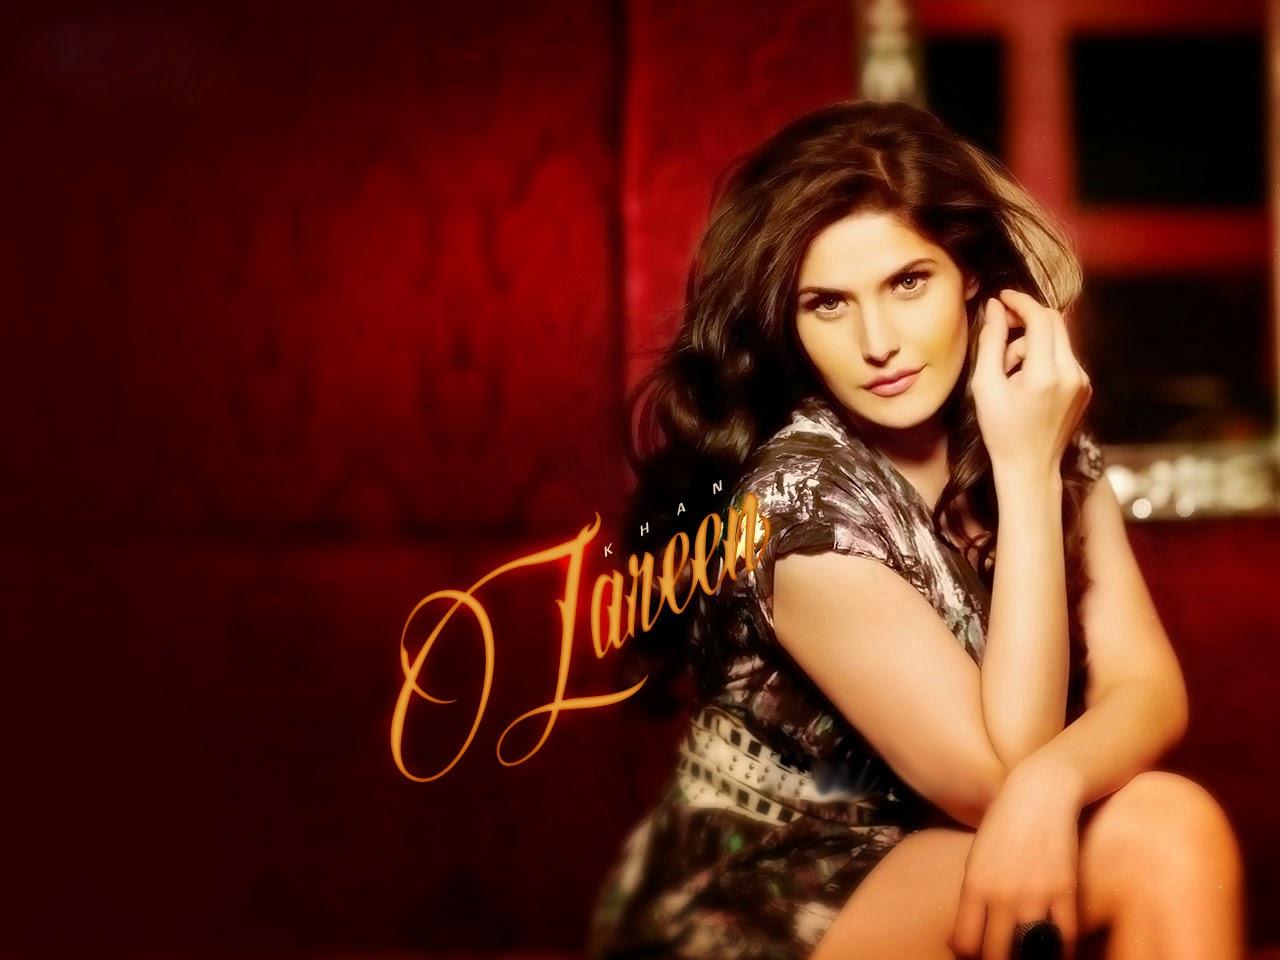 Zarine Khan HD WAllpap...